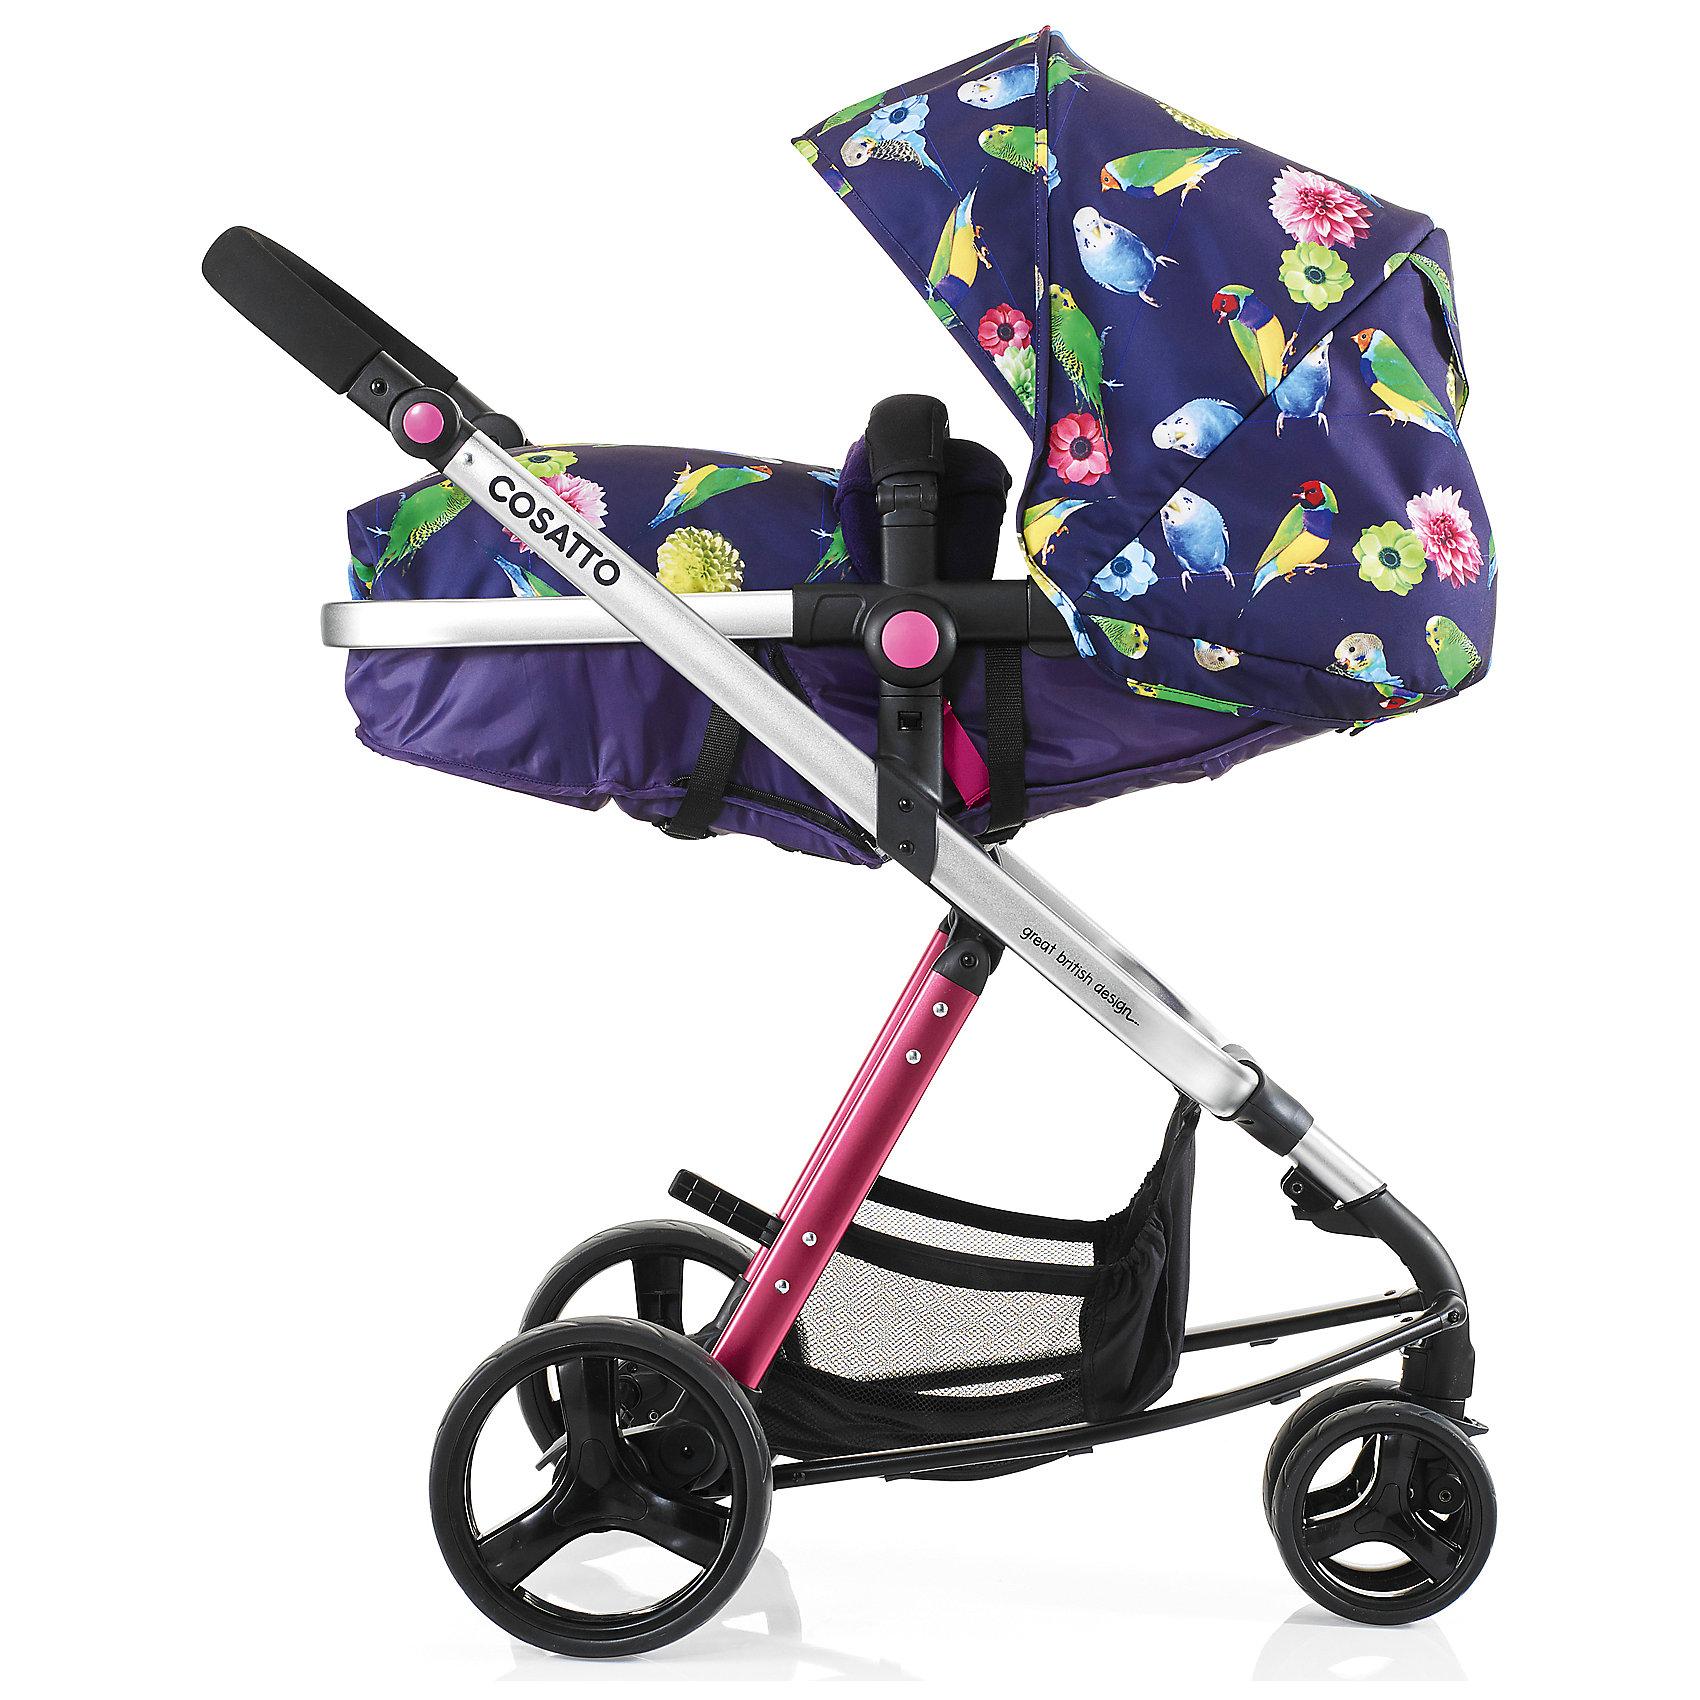 Коляска-трансформер Woop, Cosatto, EdenДля любителей функциональности коляски–трансформеры – настоящая находка. Люлька для малыша трансформируется в блок для прогулок. Все материалы, использованные при изготовлении аксессуара, безопасны и отвечают требованиям по качеству продукции.<br><br>Дополнительные характеристики: <br><br>цвет: Eden;<br>возраст: до 15 кг;<br>колеса с амортизацией;<br>спинка наклоняется в четырех позициях;<br>регулировка высоты ручки;<br>материал шасси: алюминий;<br>габариты: 97 х 62,5 см;<br>комплектация: блок для прогулок, люлька, подголовник, складывающиеся шасси, защита от дождя и солнца, регулируемая ручка, сумка для мамы, чехол для ножек, матрас.<br><br>Коляску-трансформер WOOP от компании Cosatto можно приобрести в нашем магазине.<br><br>Ширина мм: 1000<br>Глубина мм: 500<br>Высота мм: 330<br>Вес г: 15500<br>Возраст от месяцев: 0<br>Возраст до месяцев: 36<br>Пол: Унисекс<br>Возраст: Детский<br>SKU: 5444511